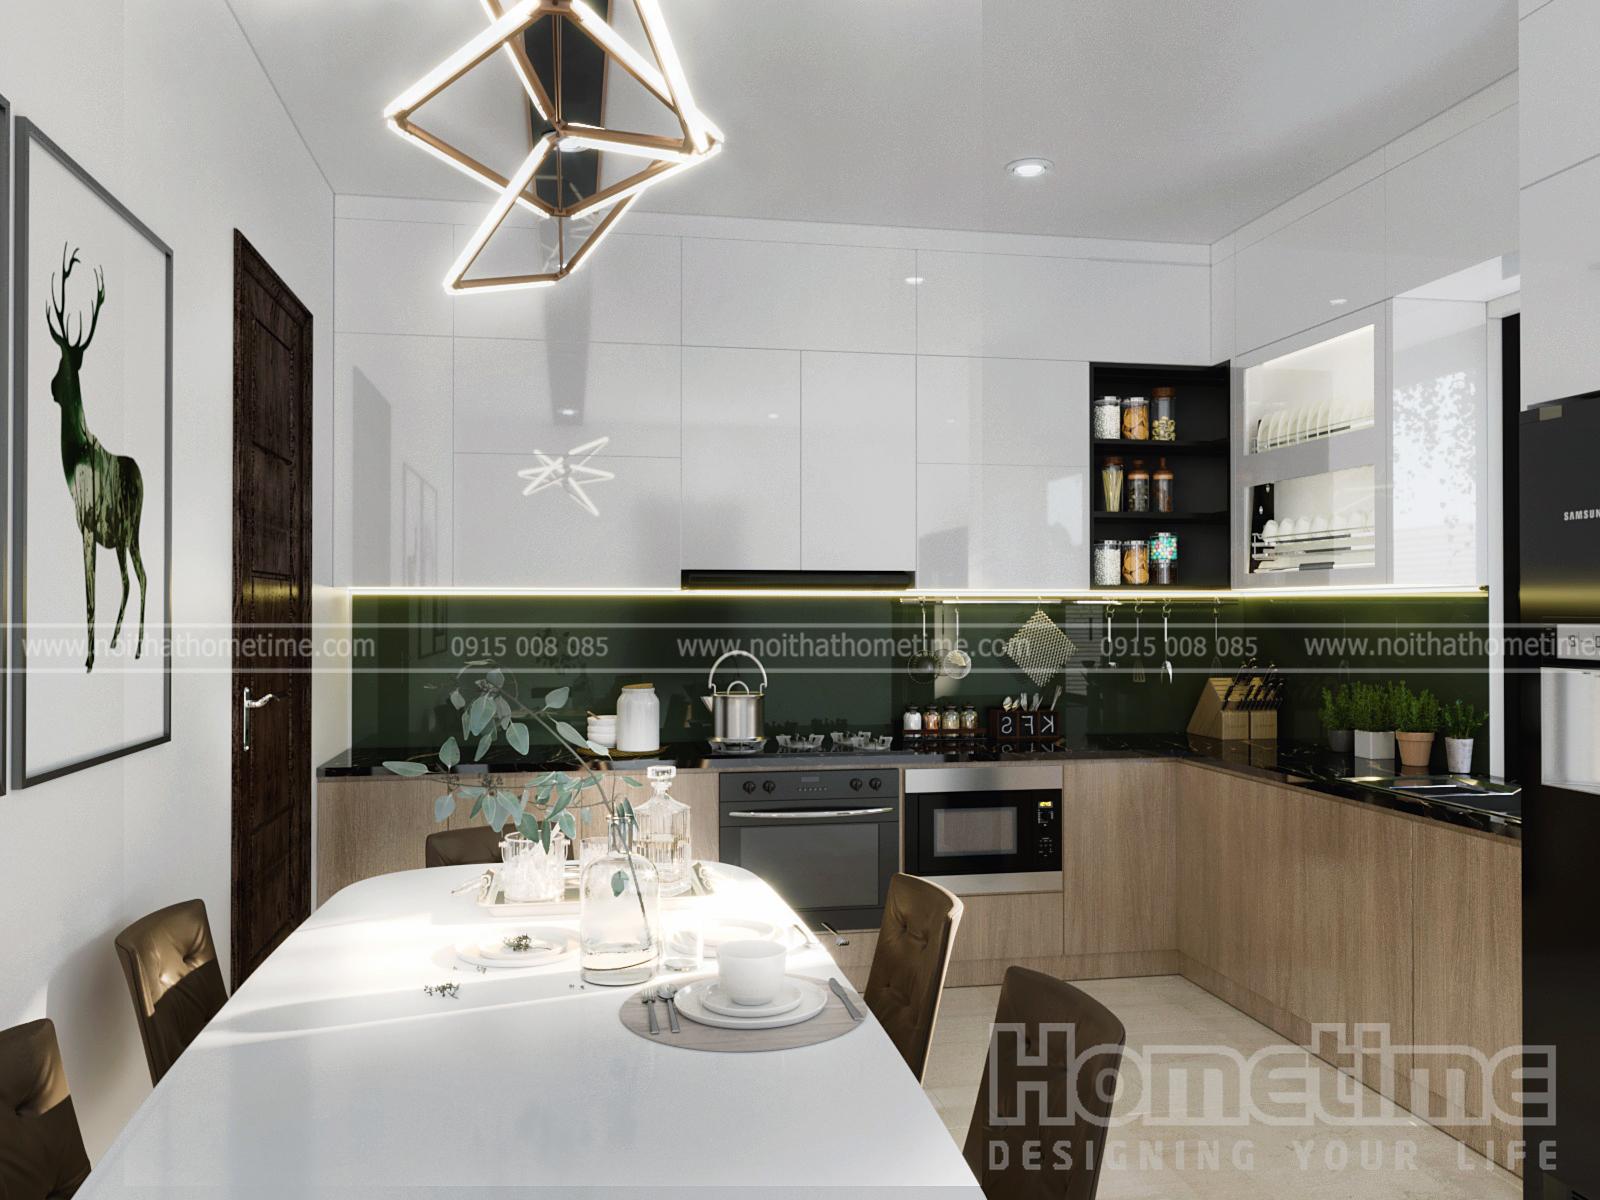 Hình ảnh tổng quan về tủ bếp Acrylic bóng tráng giương